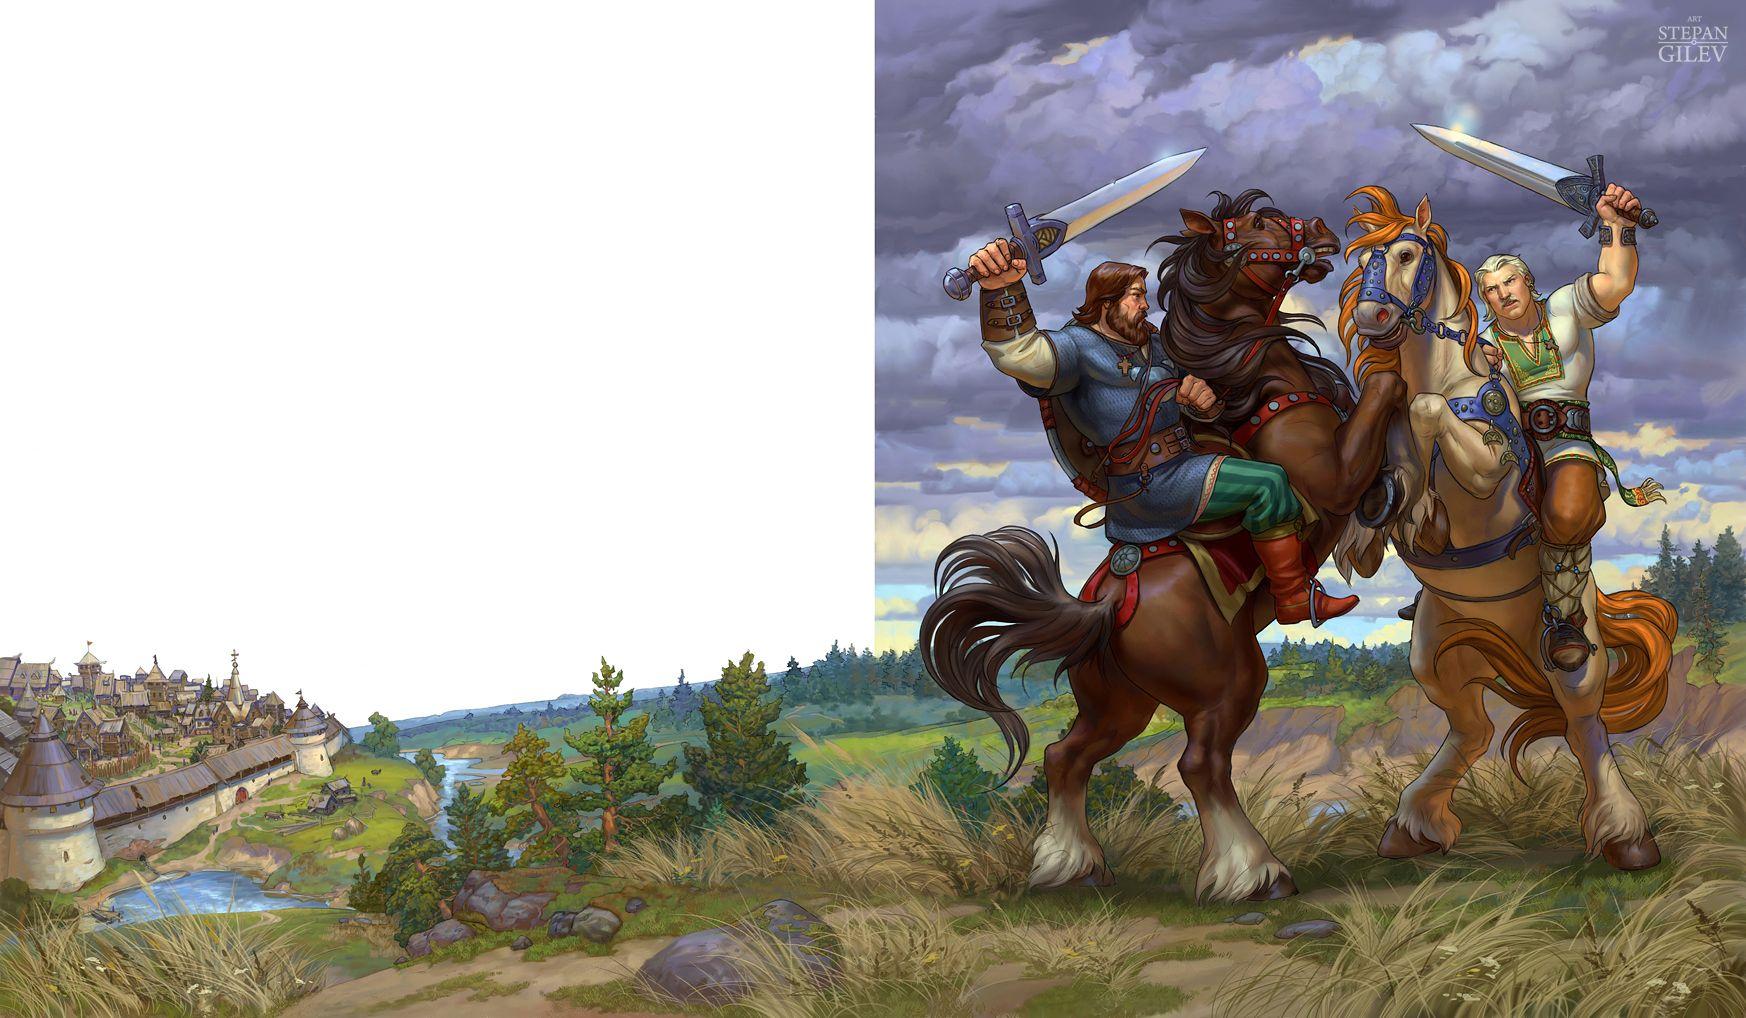 его картинка русского богатыря в бою своей жизни особенно